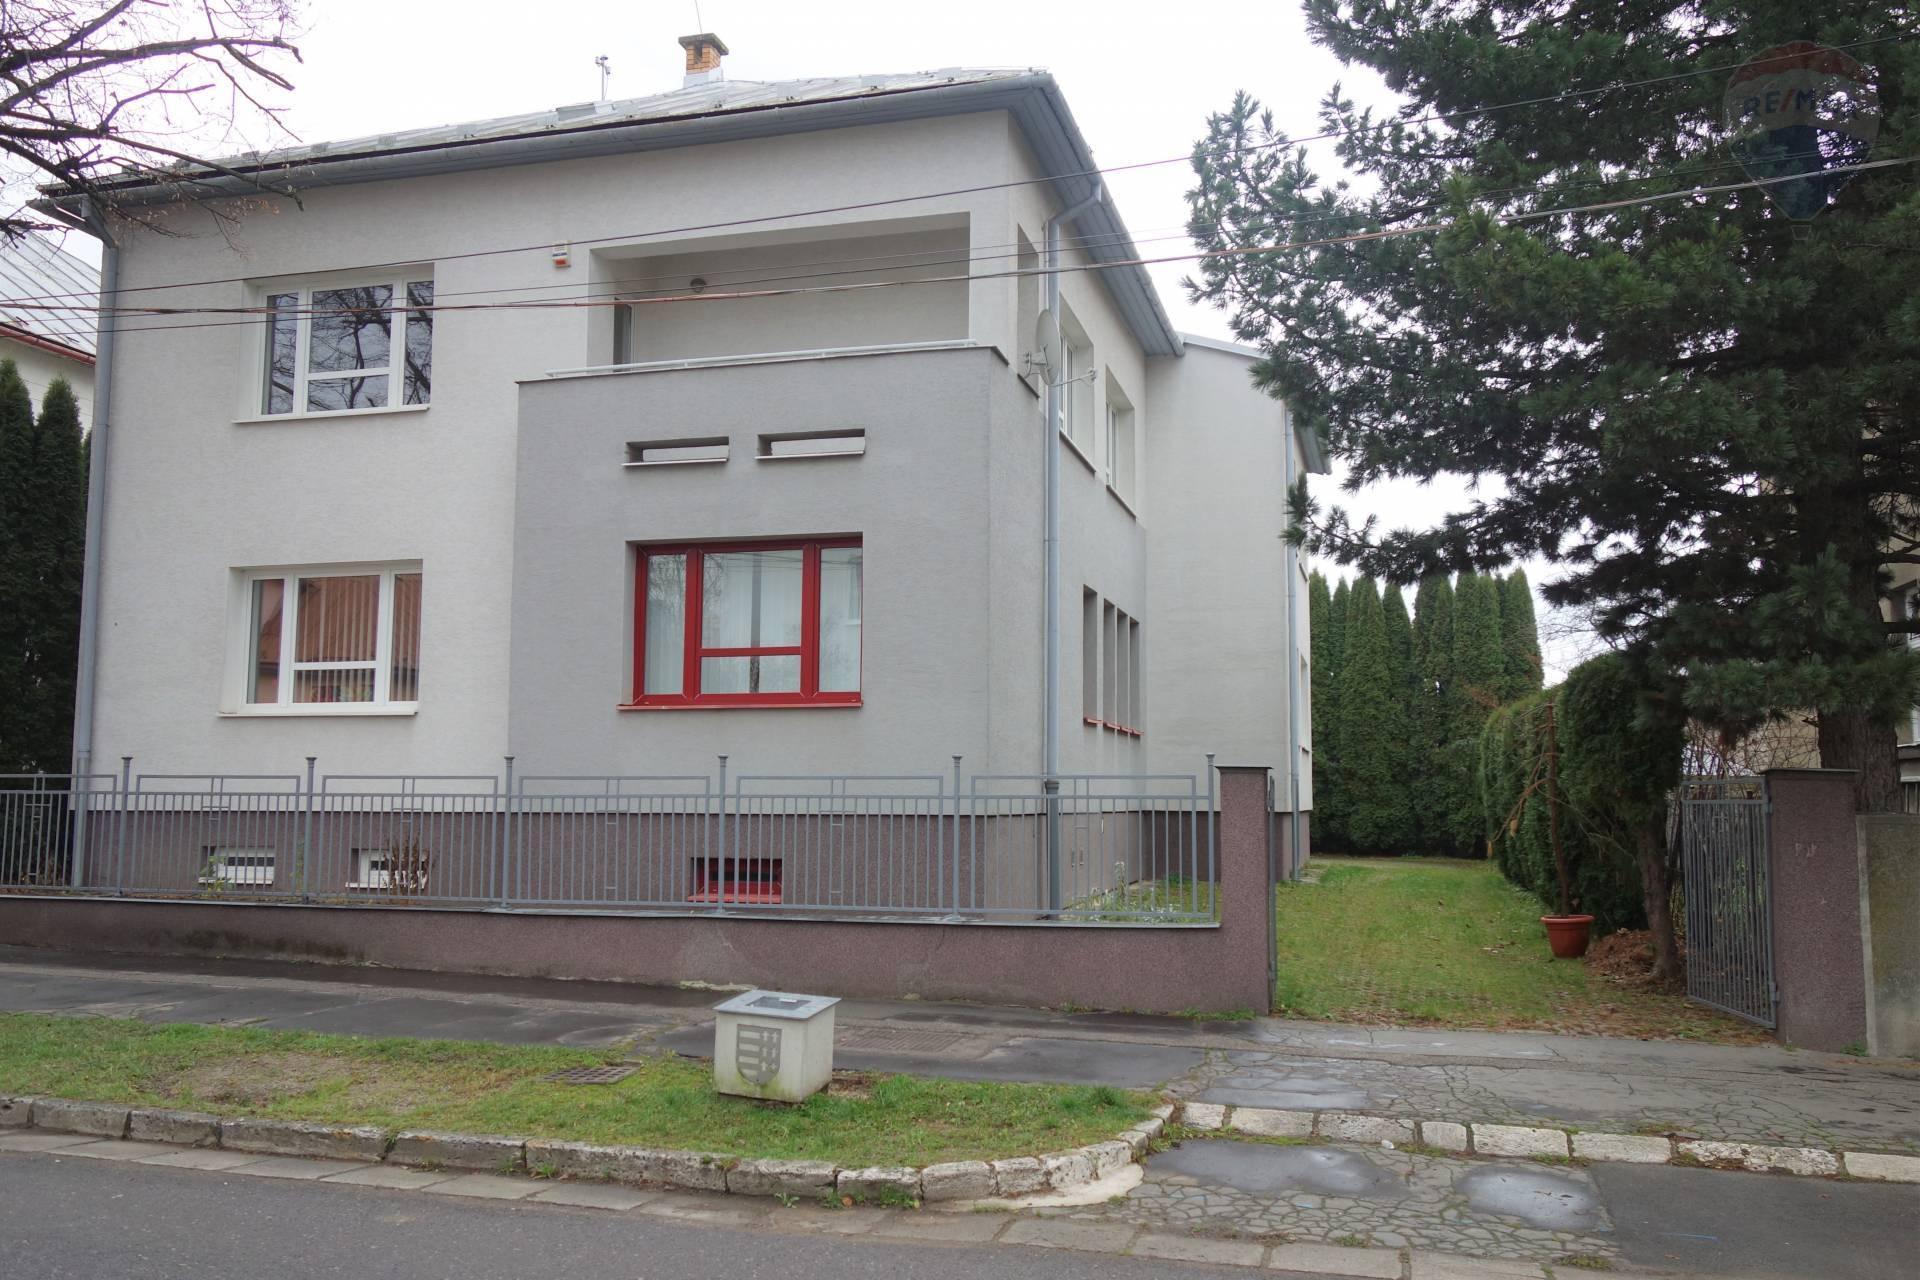 Predaj komerčného objektu 429 m2, Brezno - Predaj: budova na ul. Boženy Nemcovej